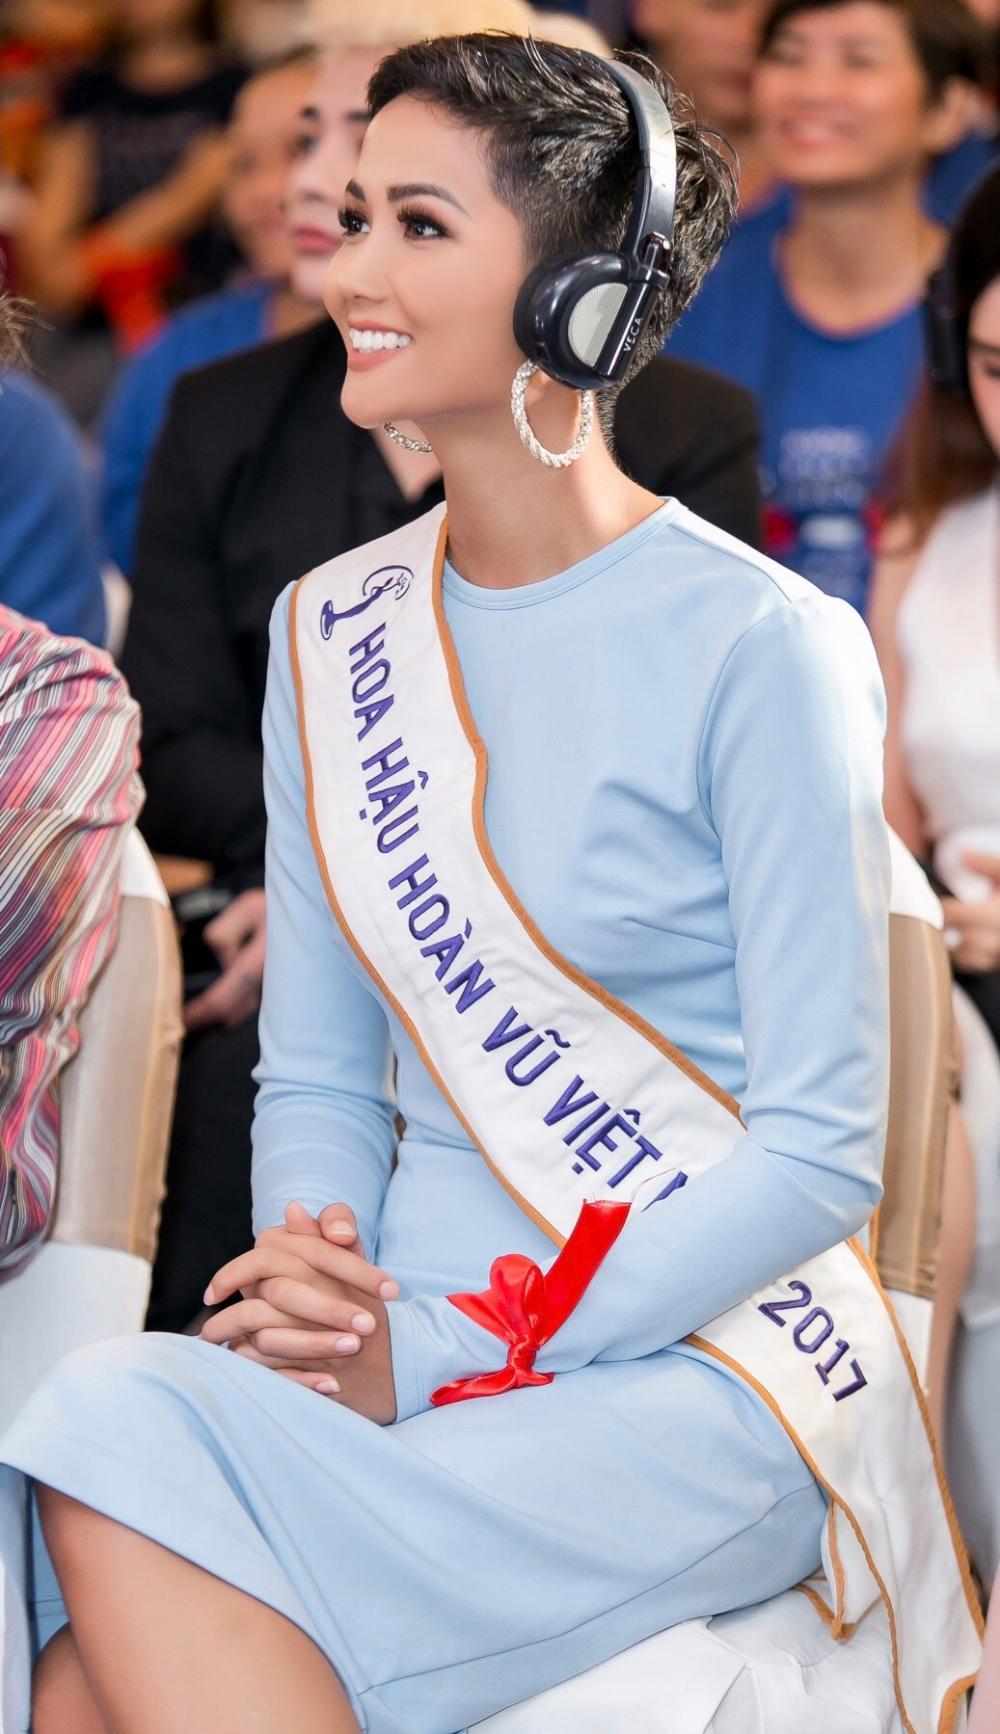 H'Hen Niê diện trang phục giản dị, khoe vóc dáng thon gọn tại sự kiện - Ảnh 8